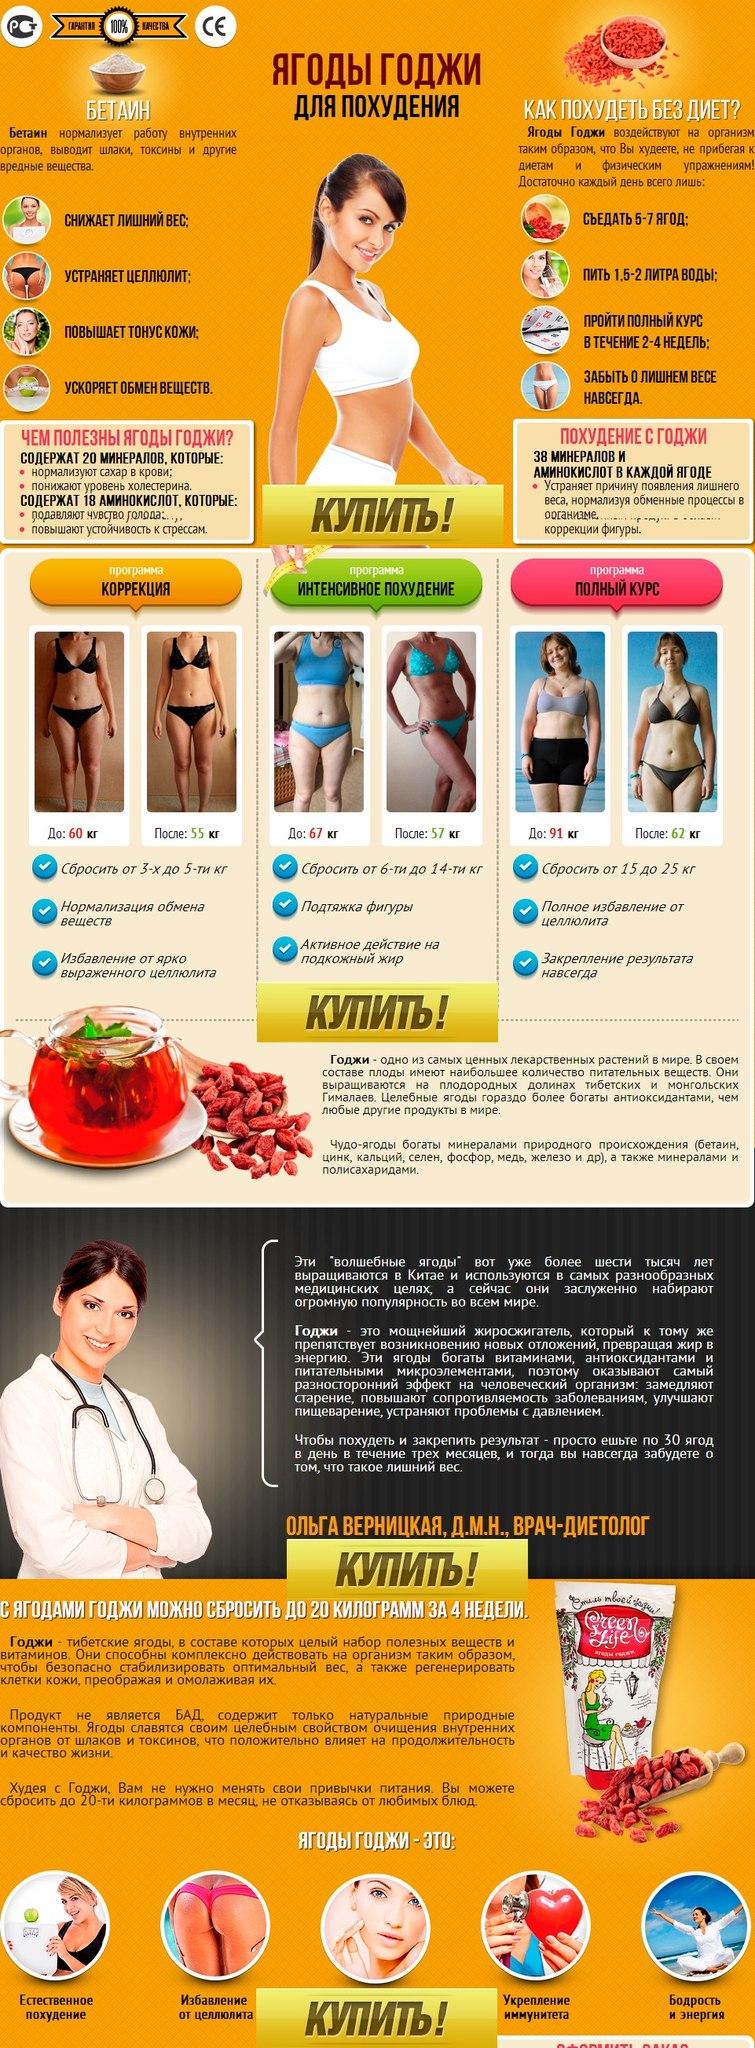 Как похудеть за ближайшее время